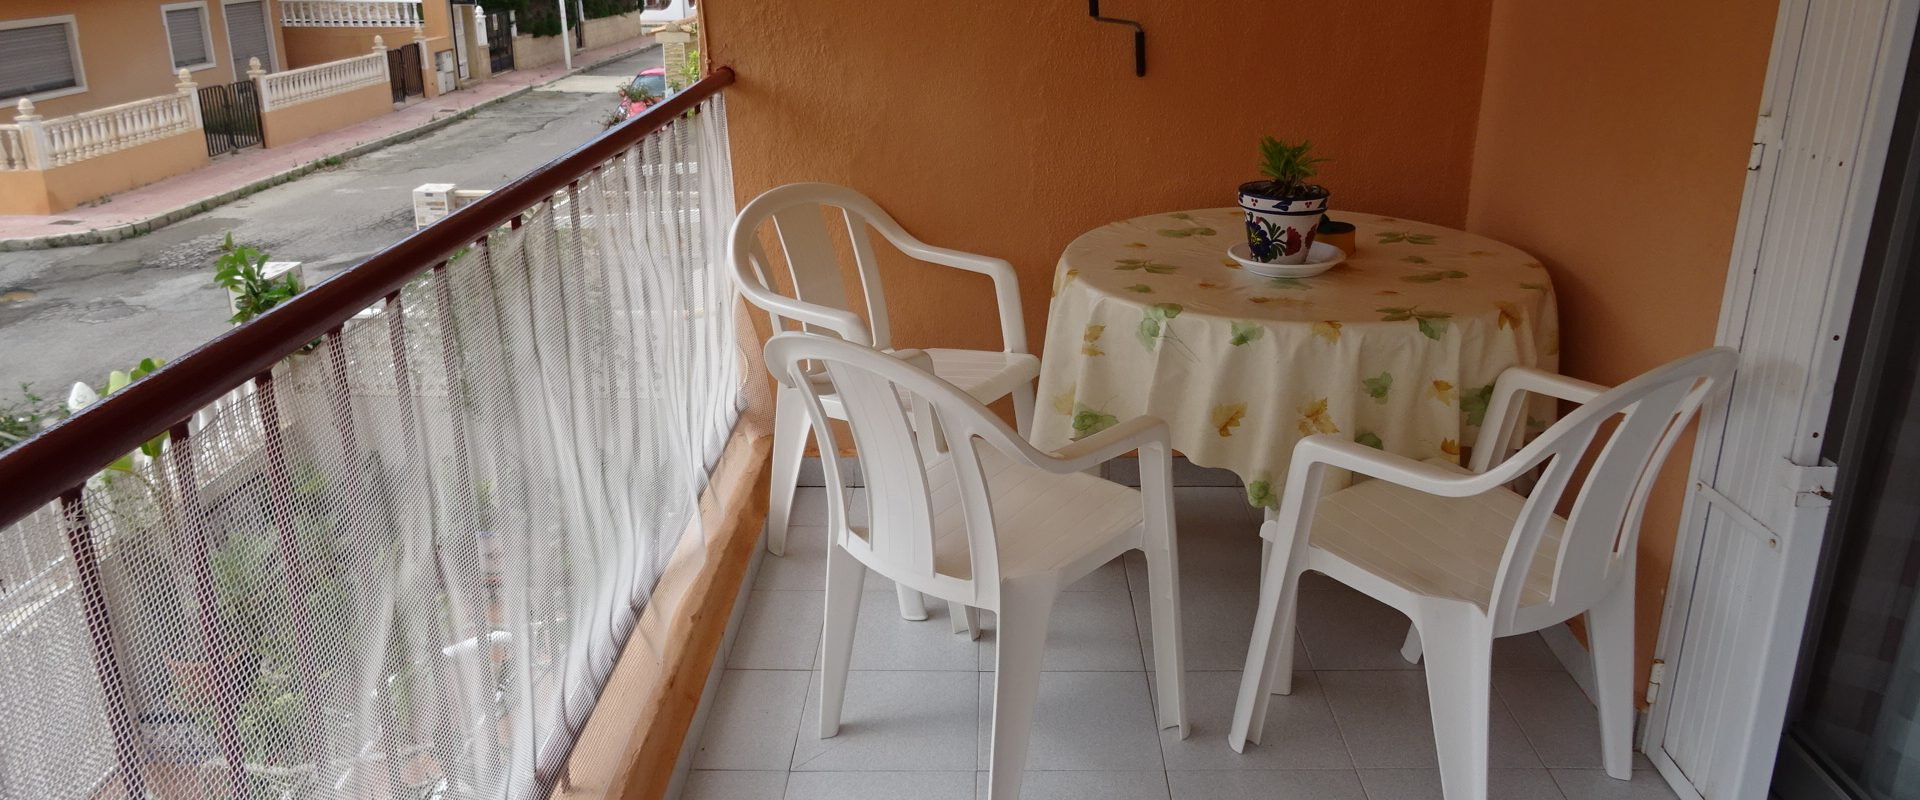 Atico con patio y solarium en venta en Playagrande